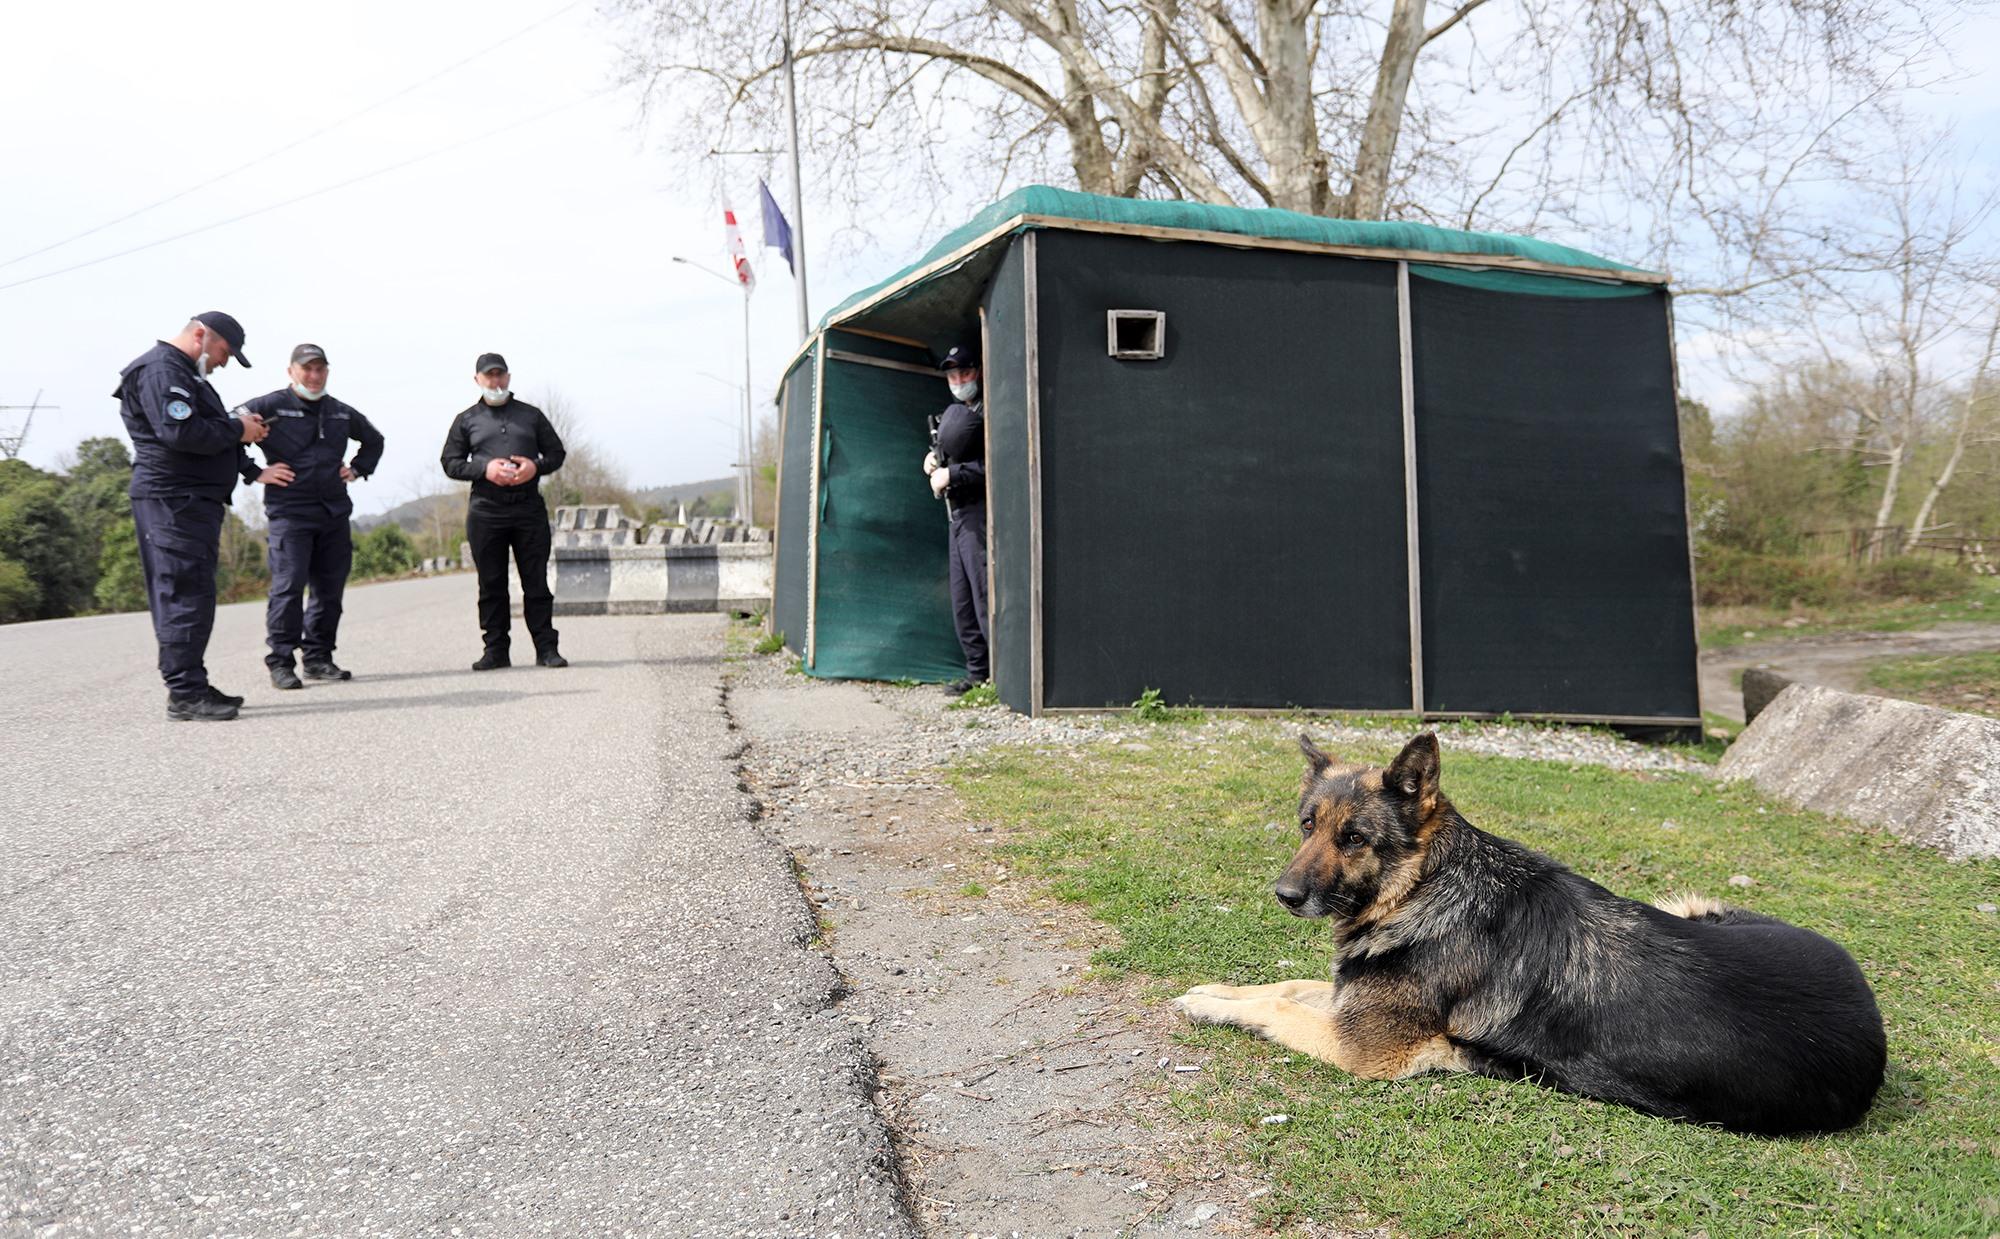 Abkhazia Border 2 #новости Абхазия, наркотики, российская оккупация в Грузии